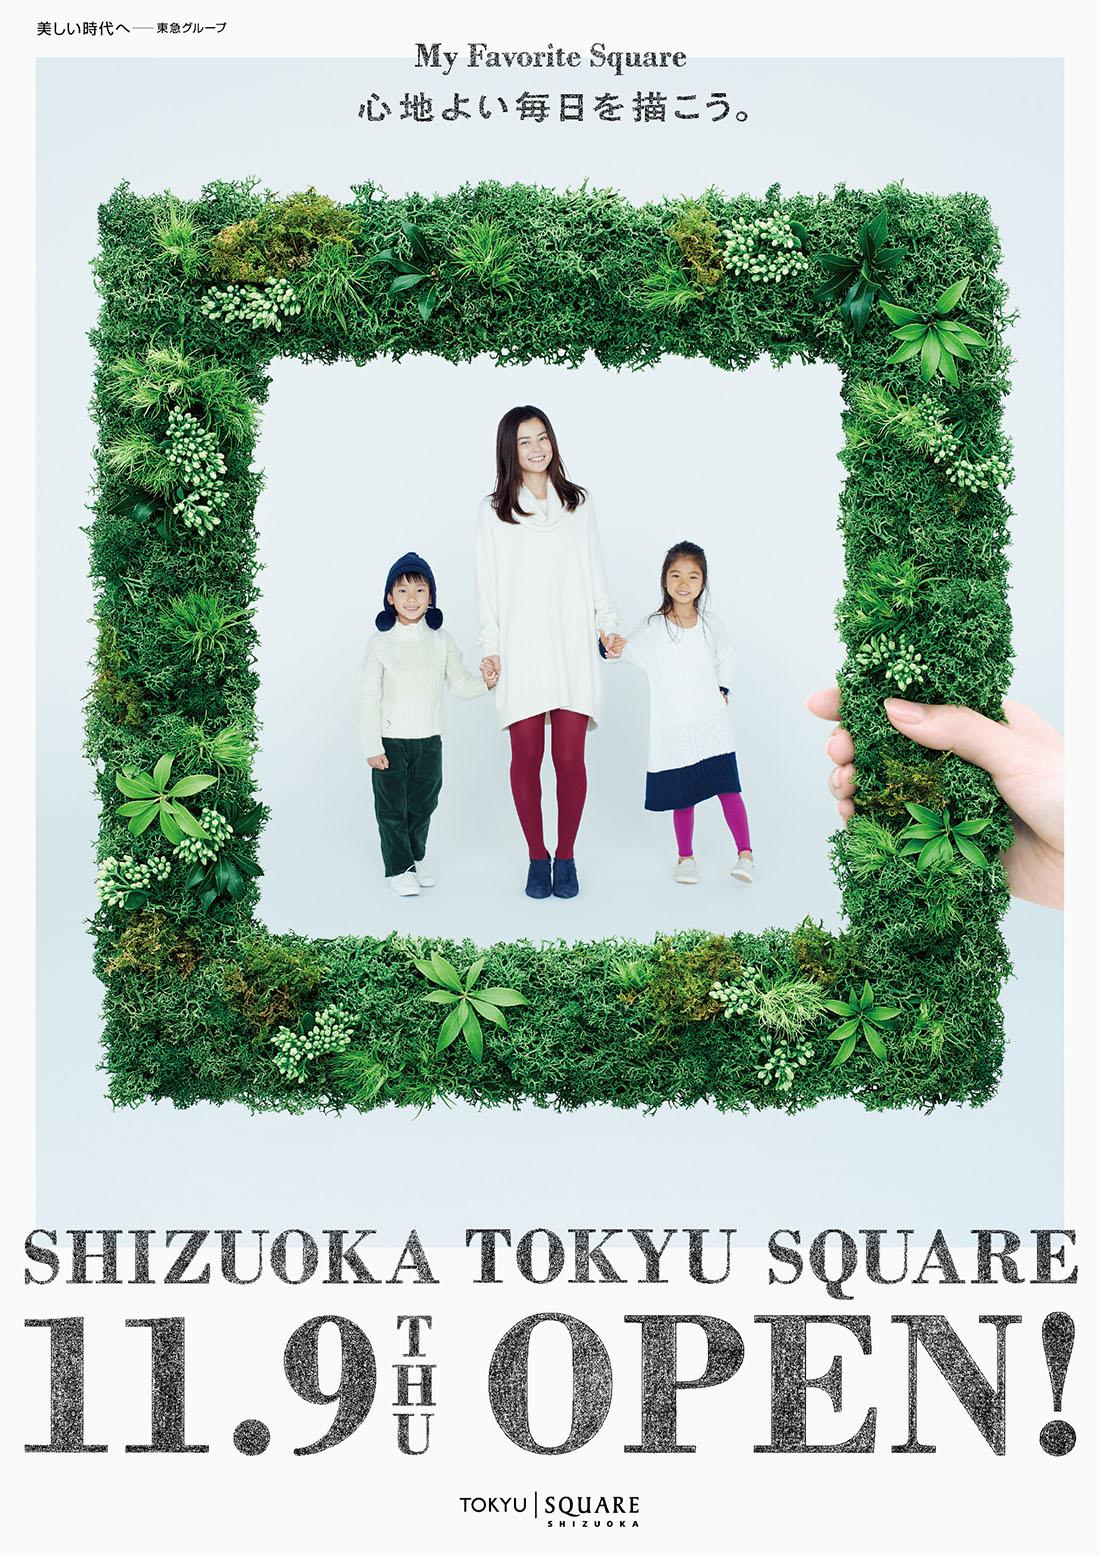 SHIZUOKA TOKYU SQUARE